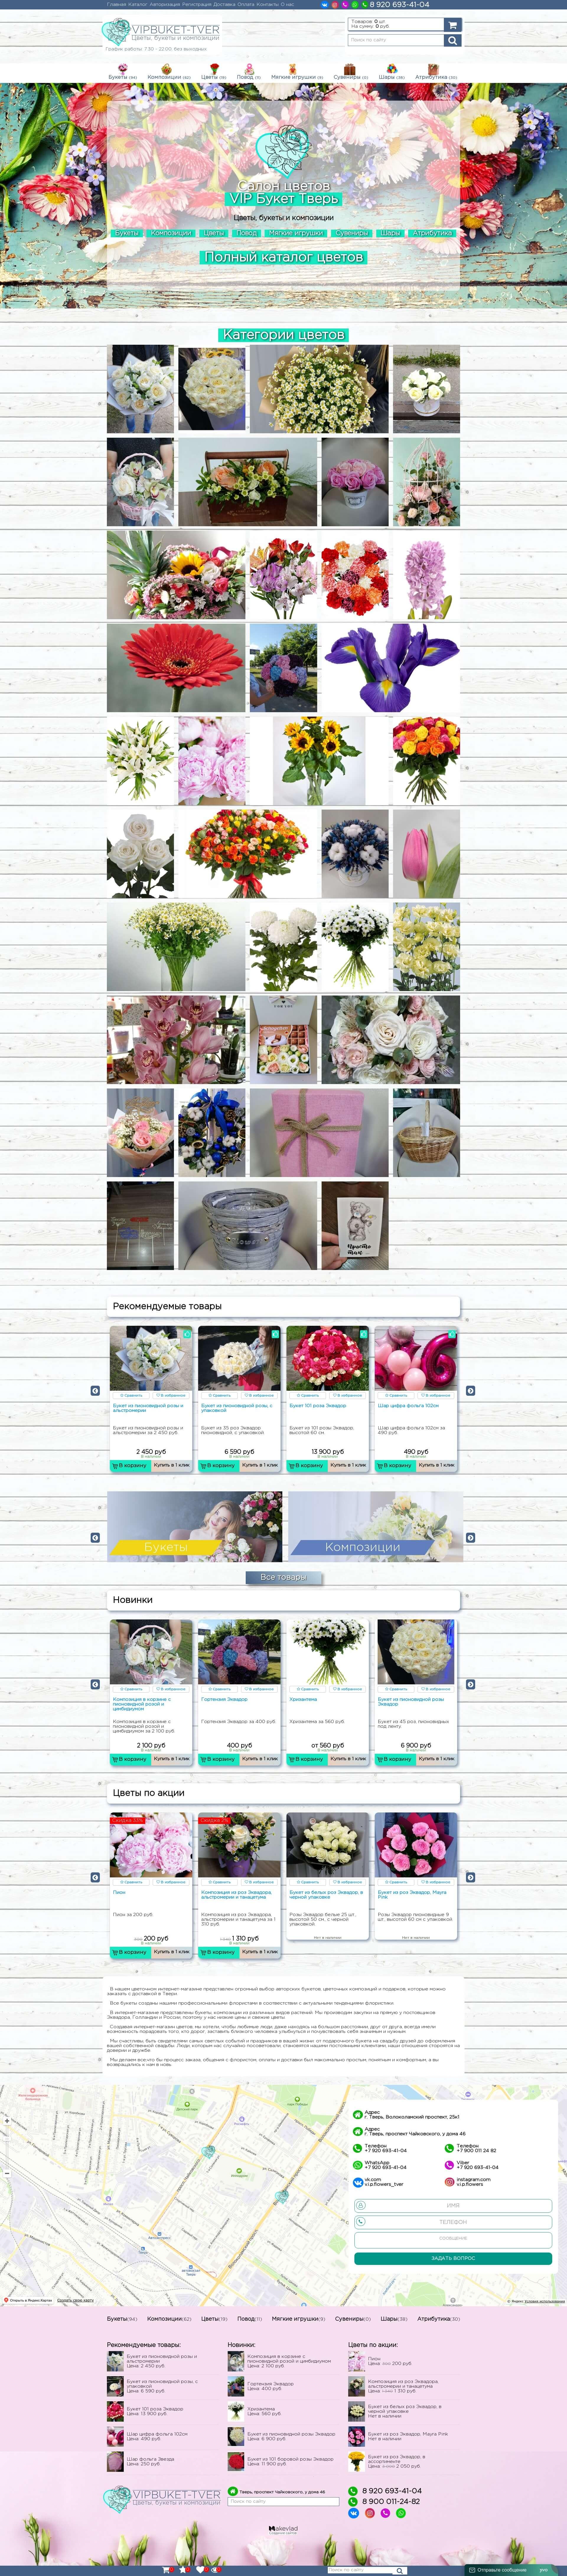 Скриншот №1 страницы сайта во весь экран. Интернет магазин для салона цветов